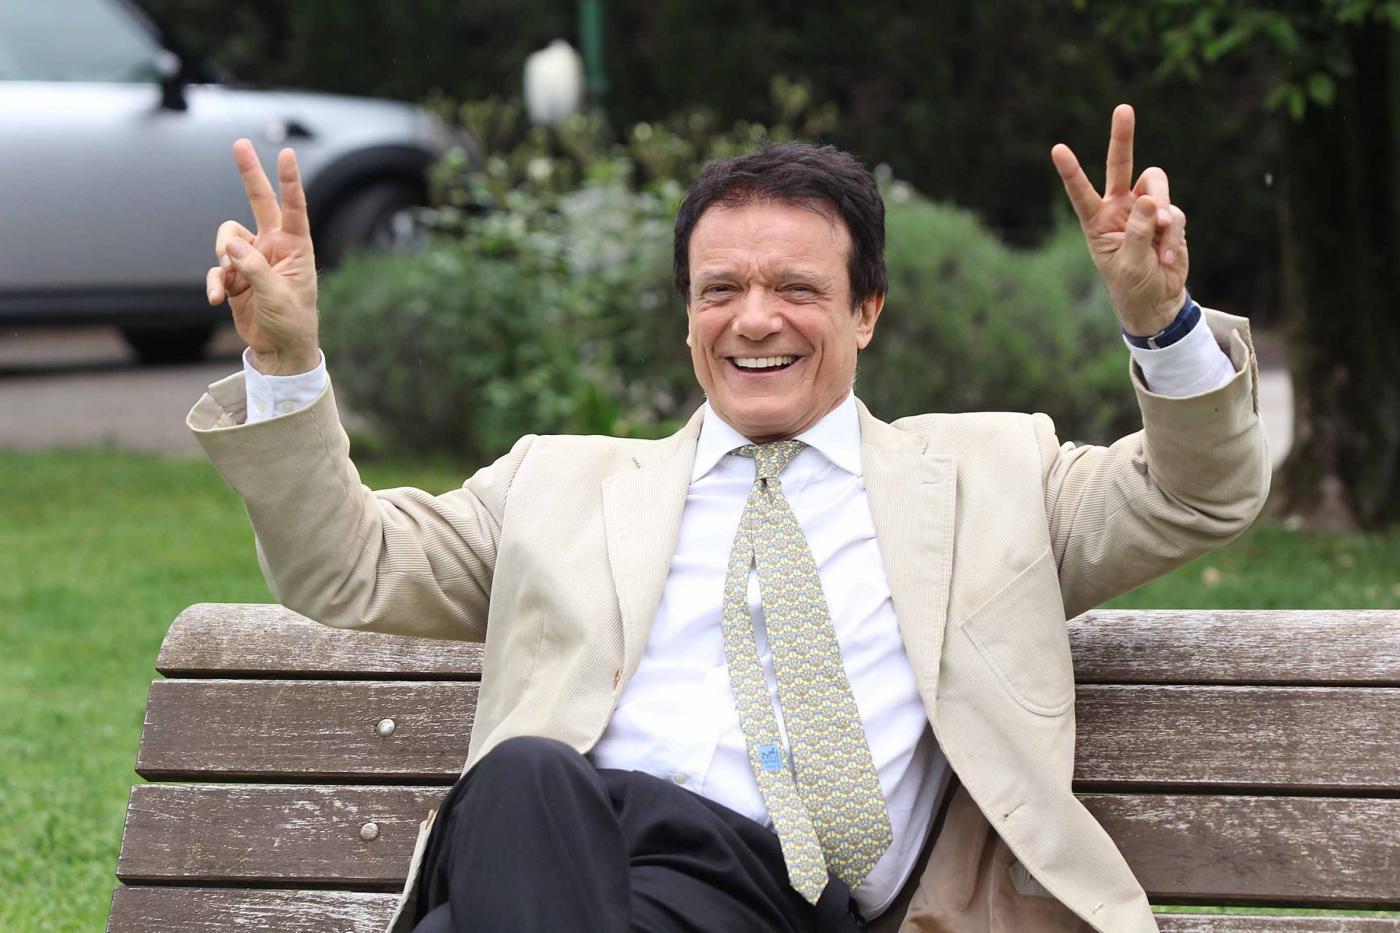 Ascolti tv martedì 1 maggio 2012, Sabato domenica e lunedì vince la serata